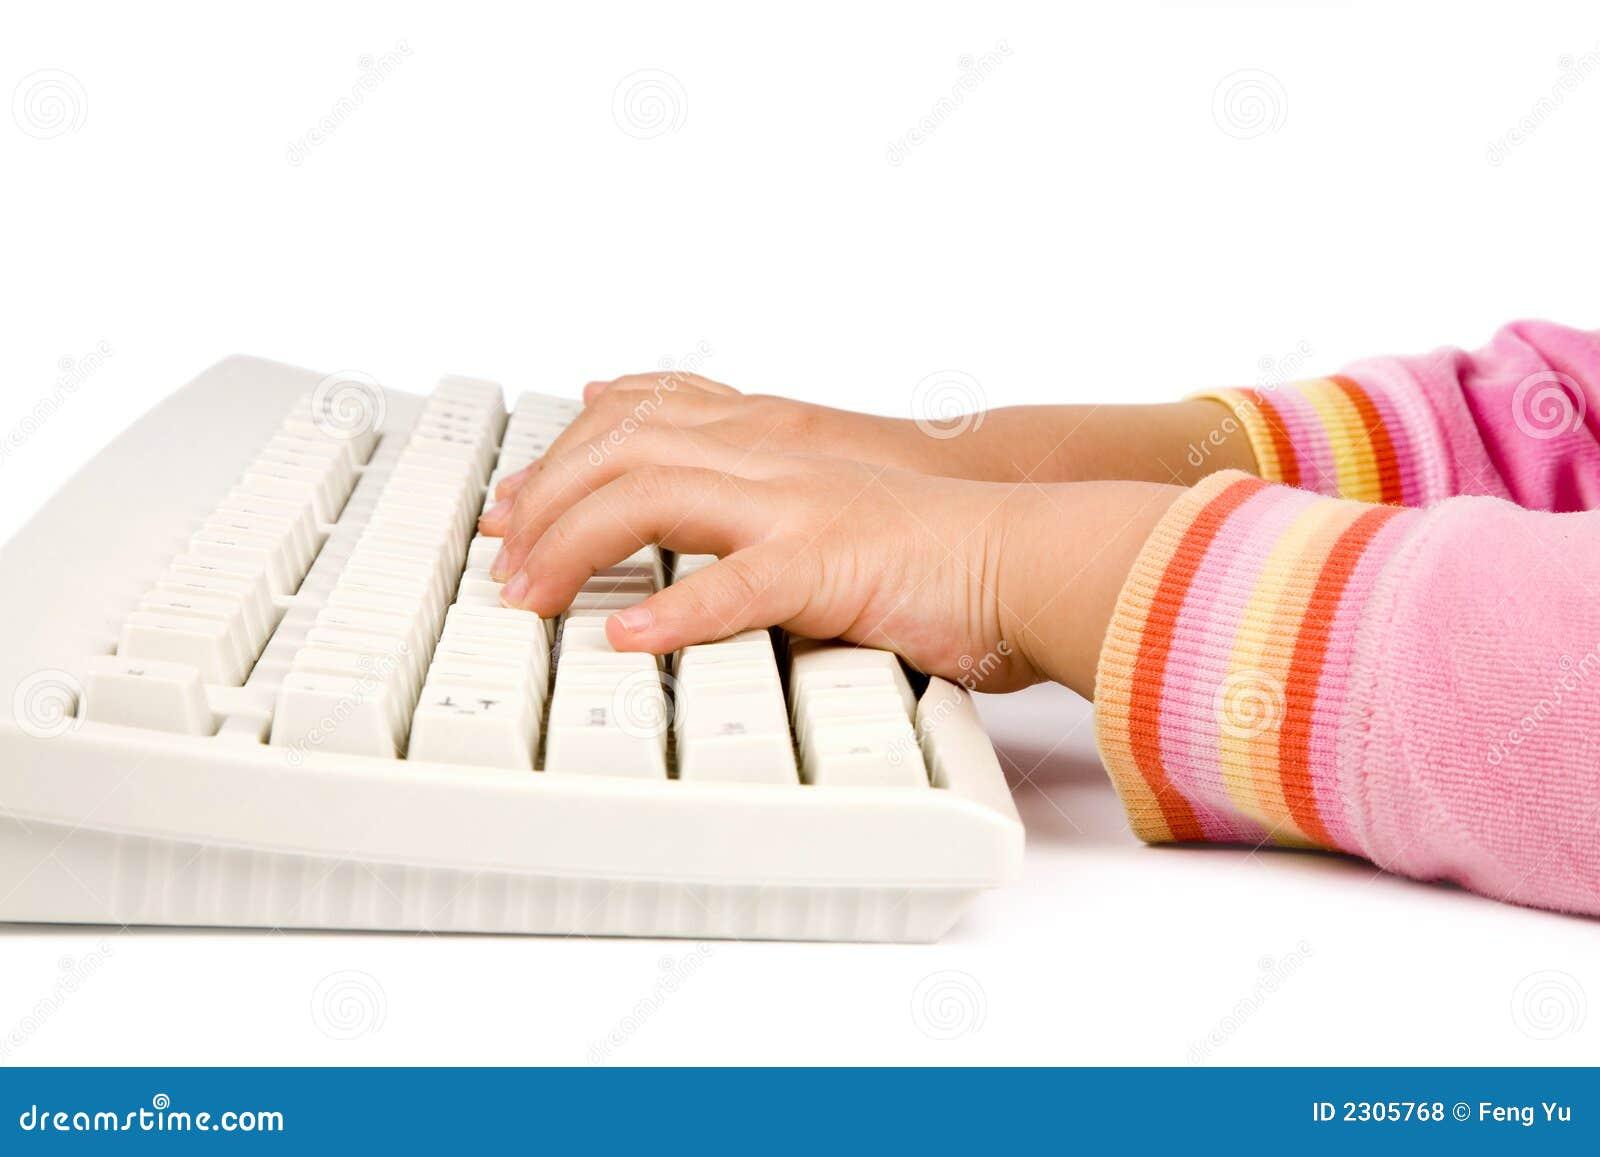 Dzieci, naucz się pisać na maszynie